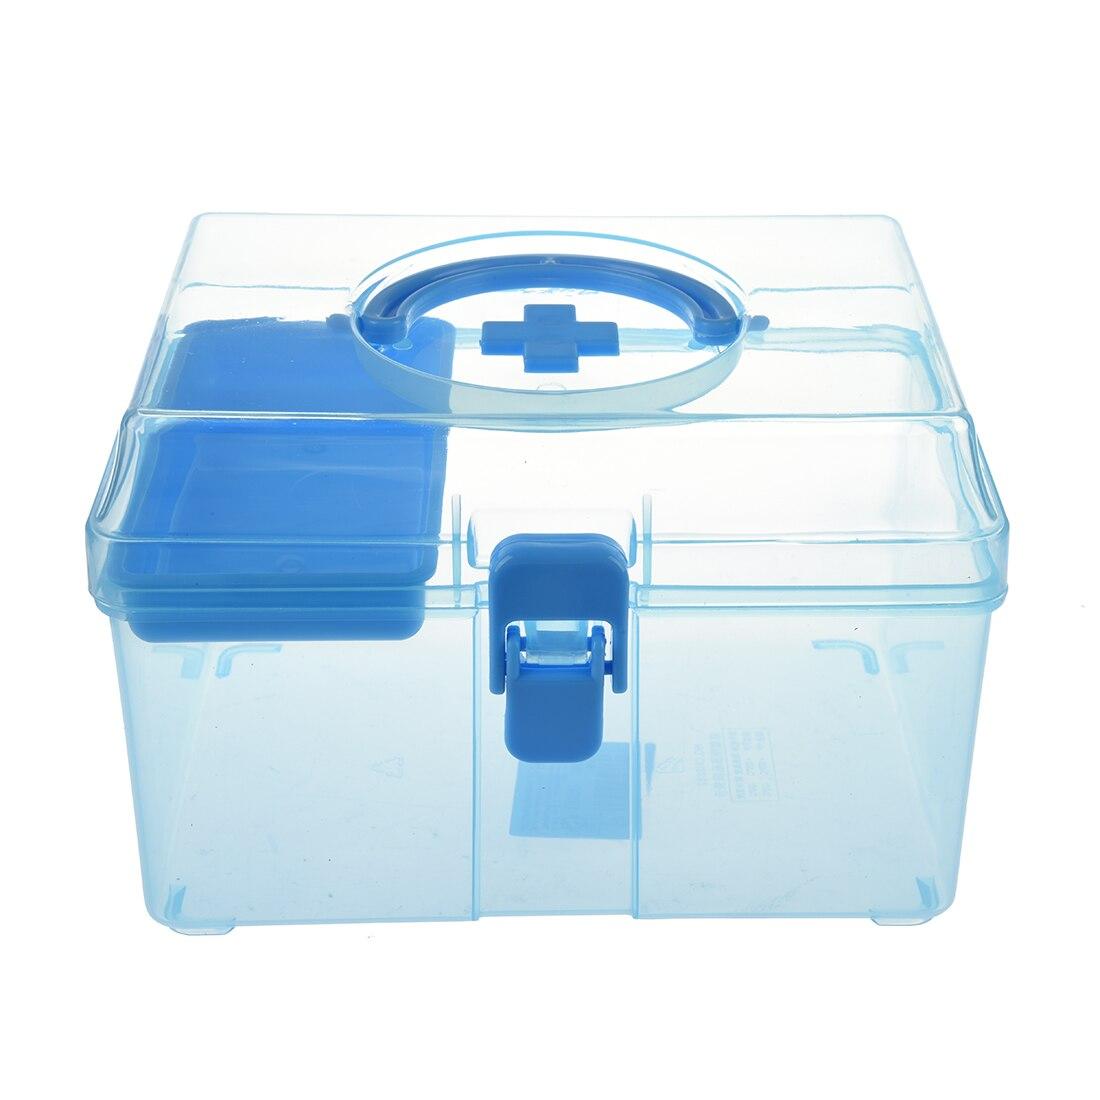 Boîte de premiers secours familiale Kits d'urgence cas Portable médical traitement des plaies pilules Bandages boîte de rangement pour voyage en voiture à domicile